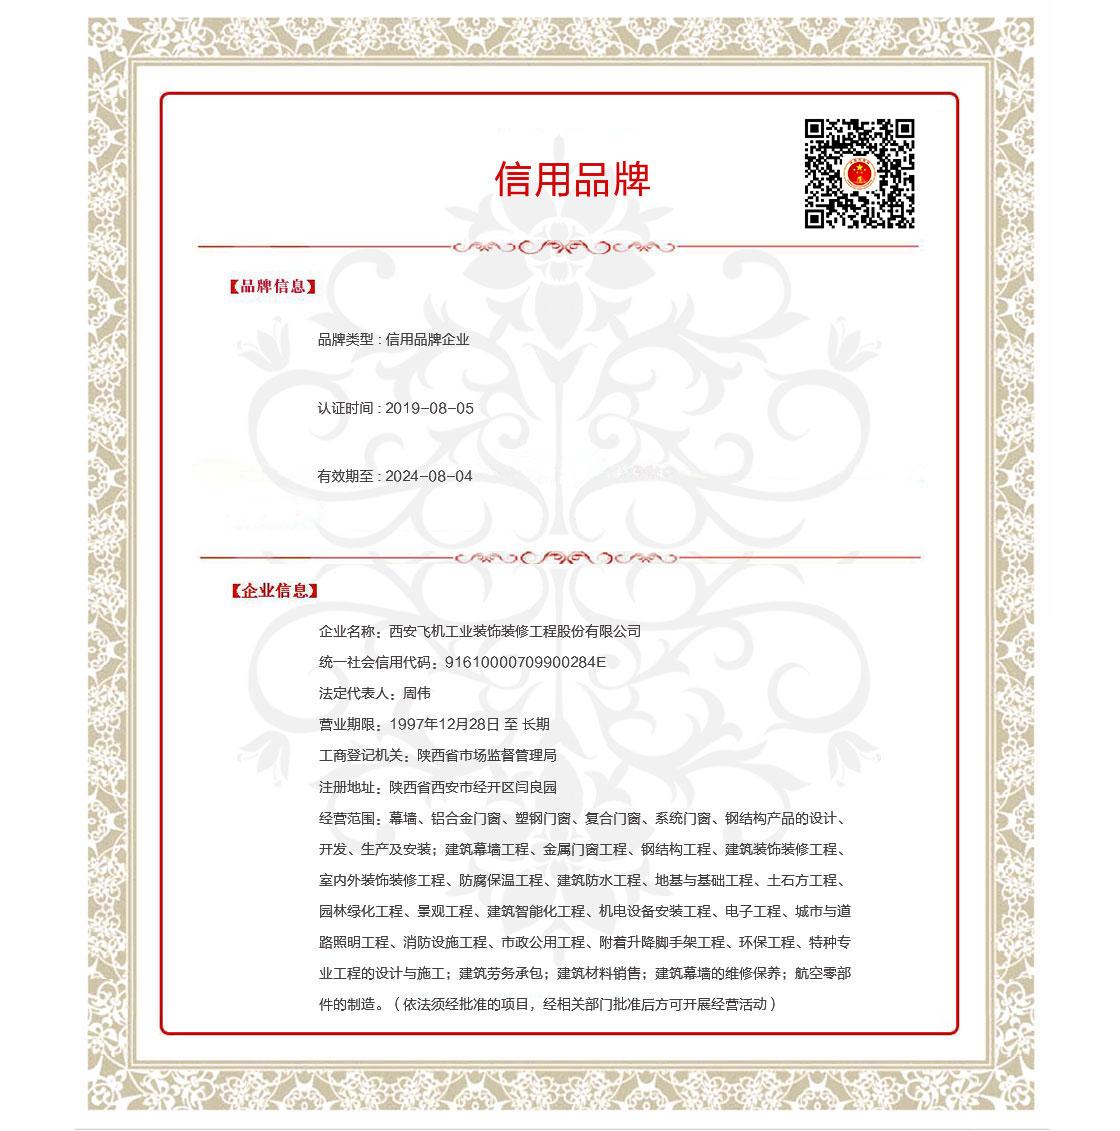 西安飞机工业装饰装修工程股份有限公司.jpg